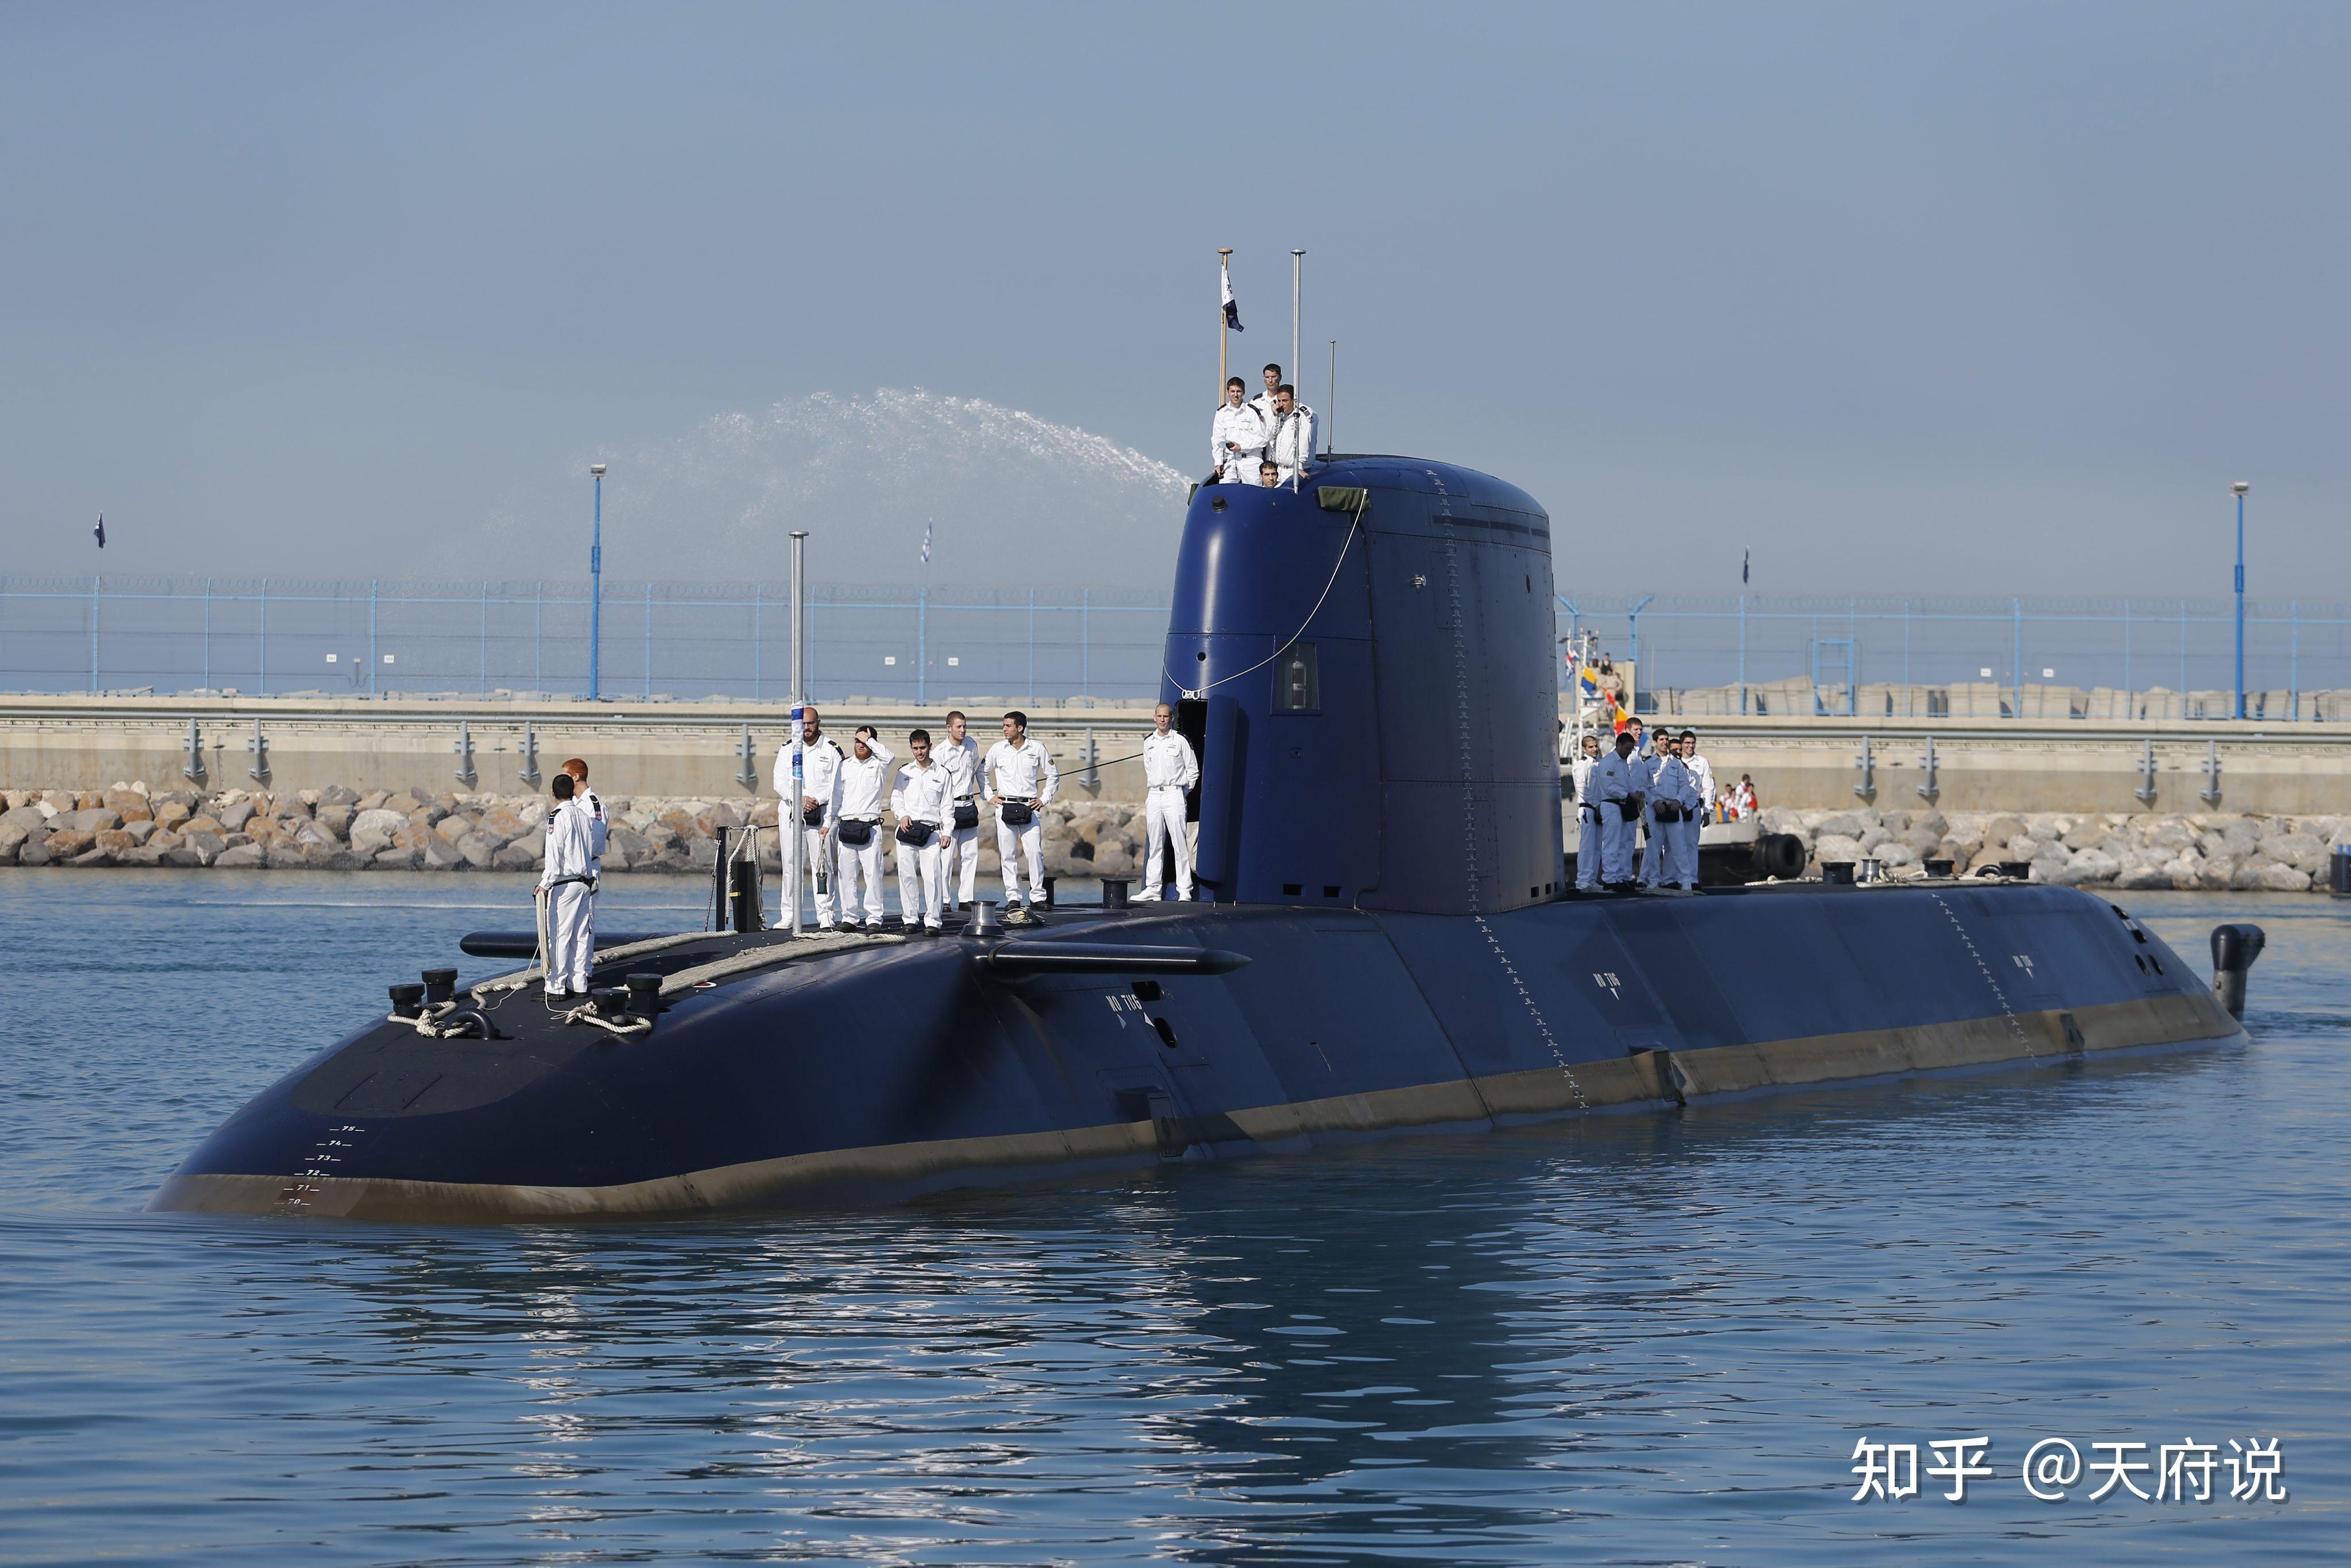 """以色列空军的主力第四代舰艇:""""海豚""""级航母有何来头?"""